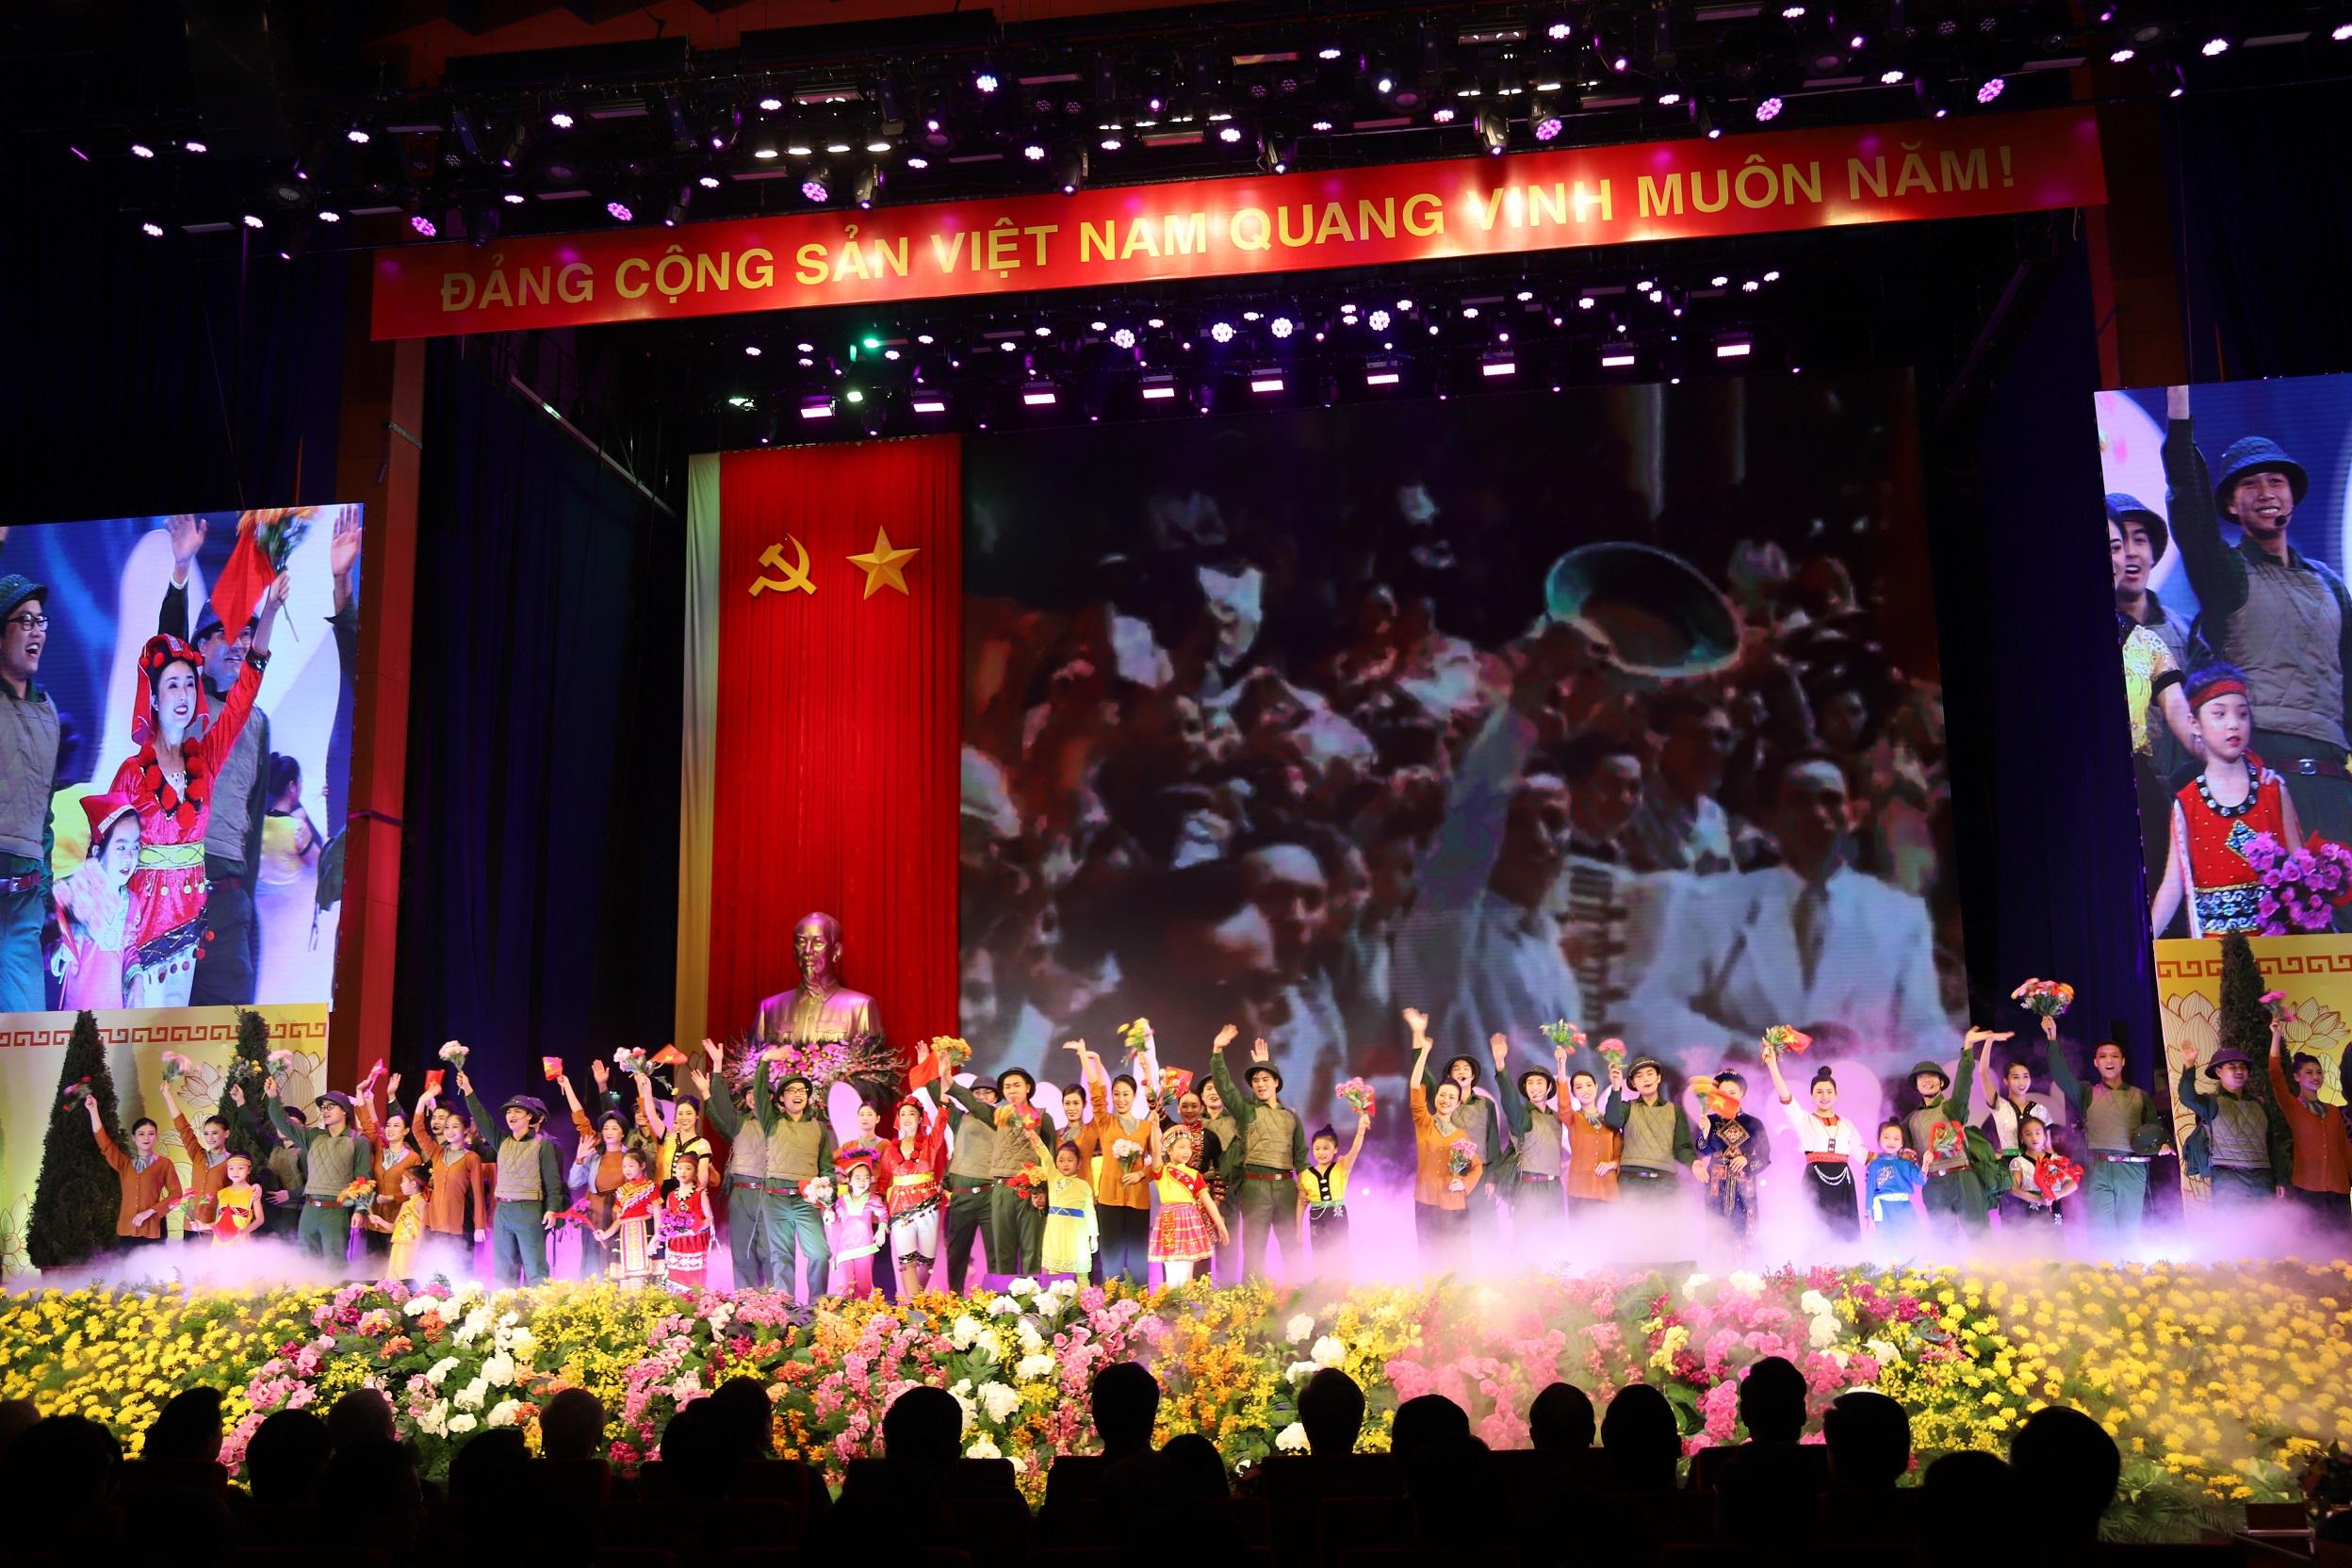 """Một tiết mục đặc sắc trong Chương trình nghệ thuật """"Vinh quang Mặt trận Tổ quốc Việt Nam"""" tại Lễ Kỷ niệm."""